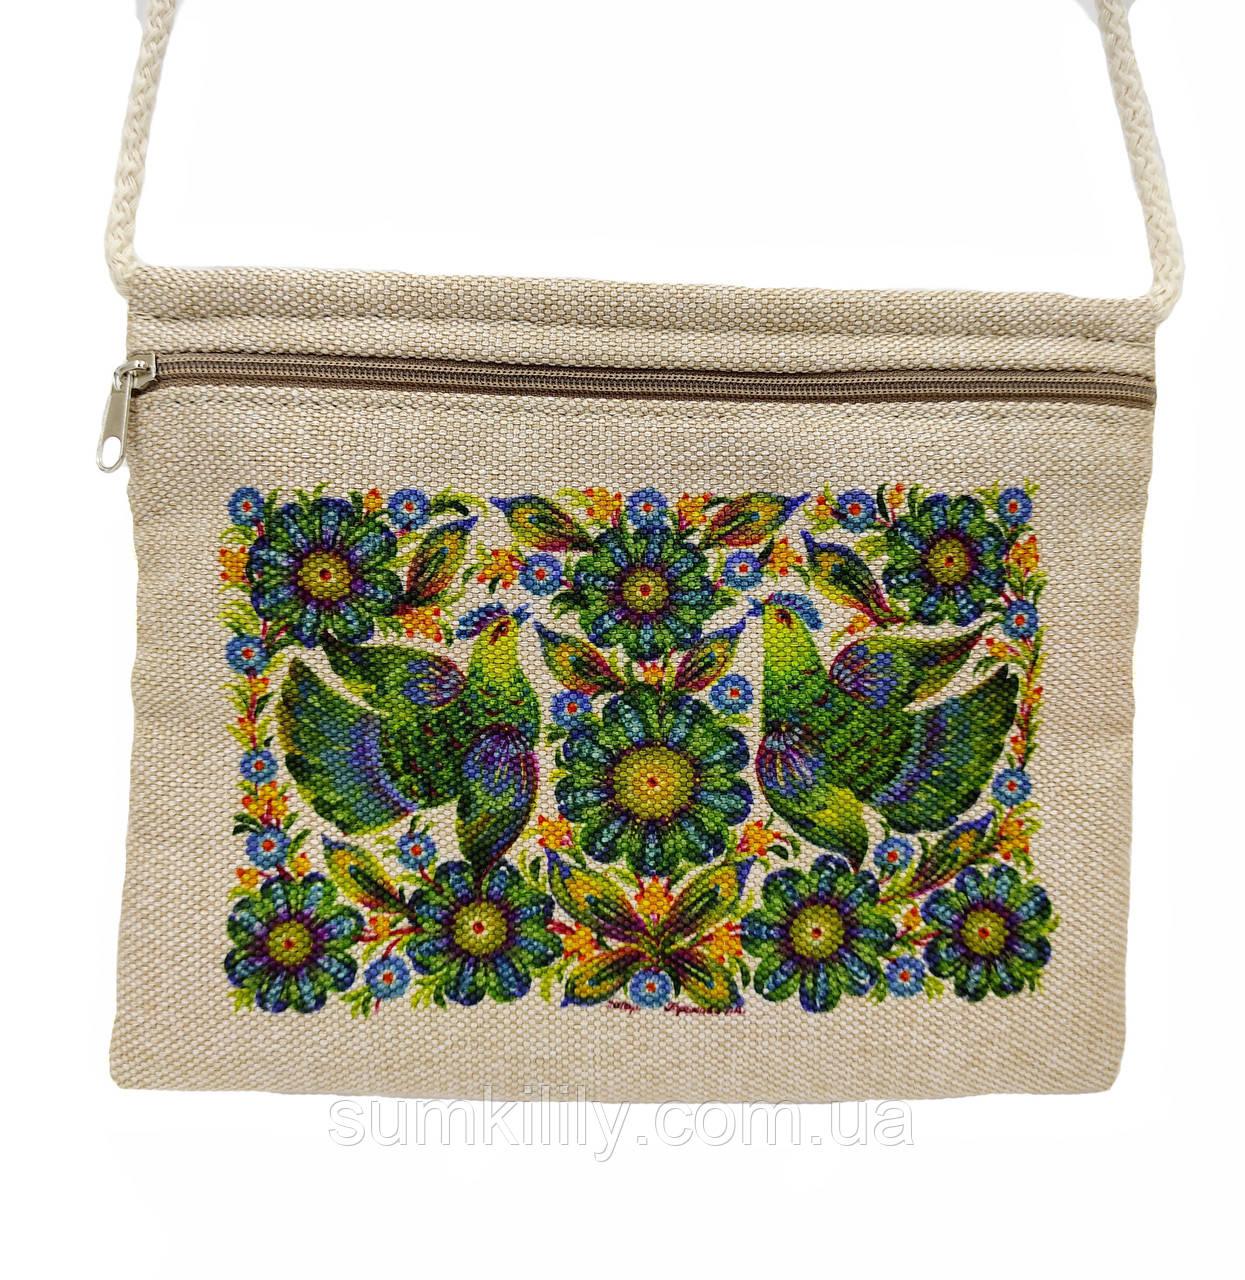 Текстильний гаманець ЗЕЛЕНІ ПТАХИ 2